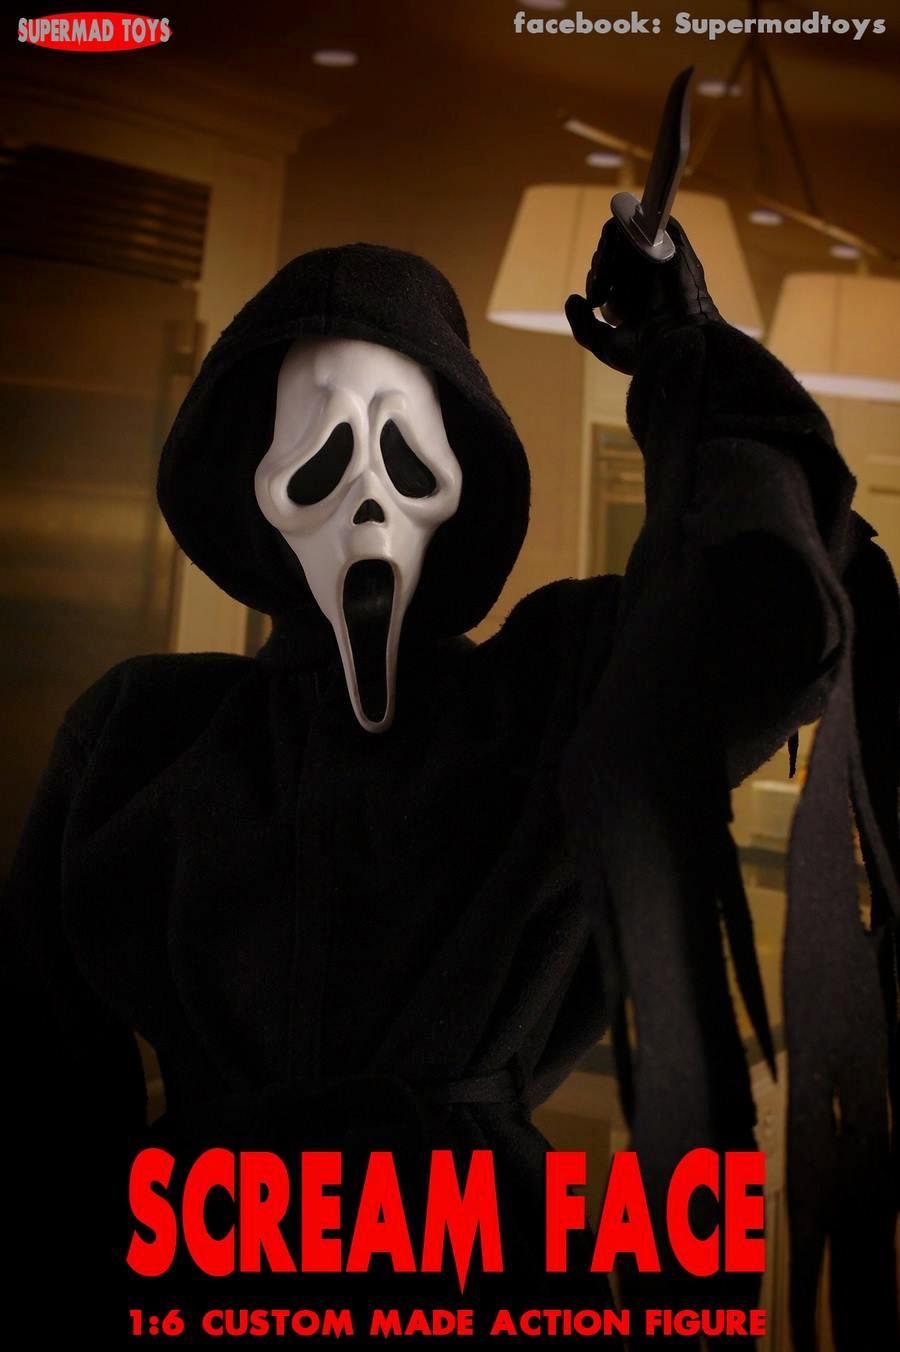 ghostface-scream-custom-made-action-figure-03